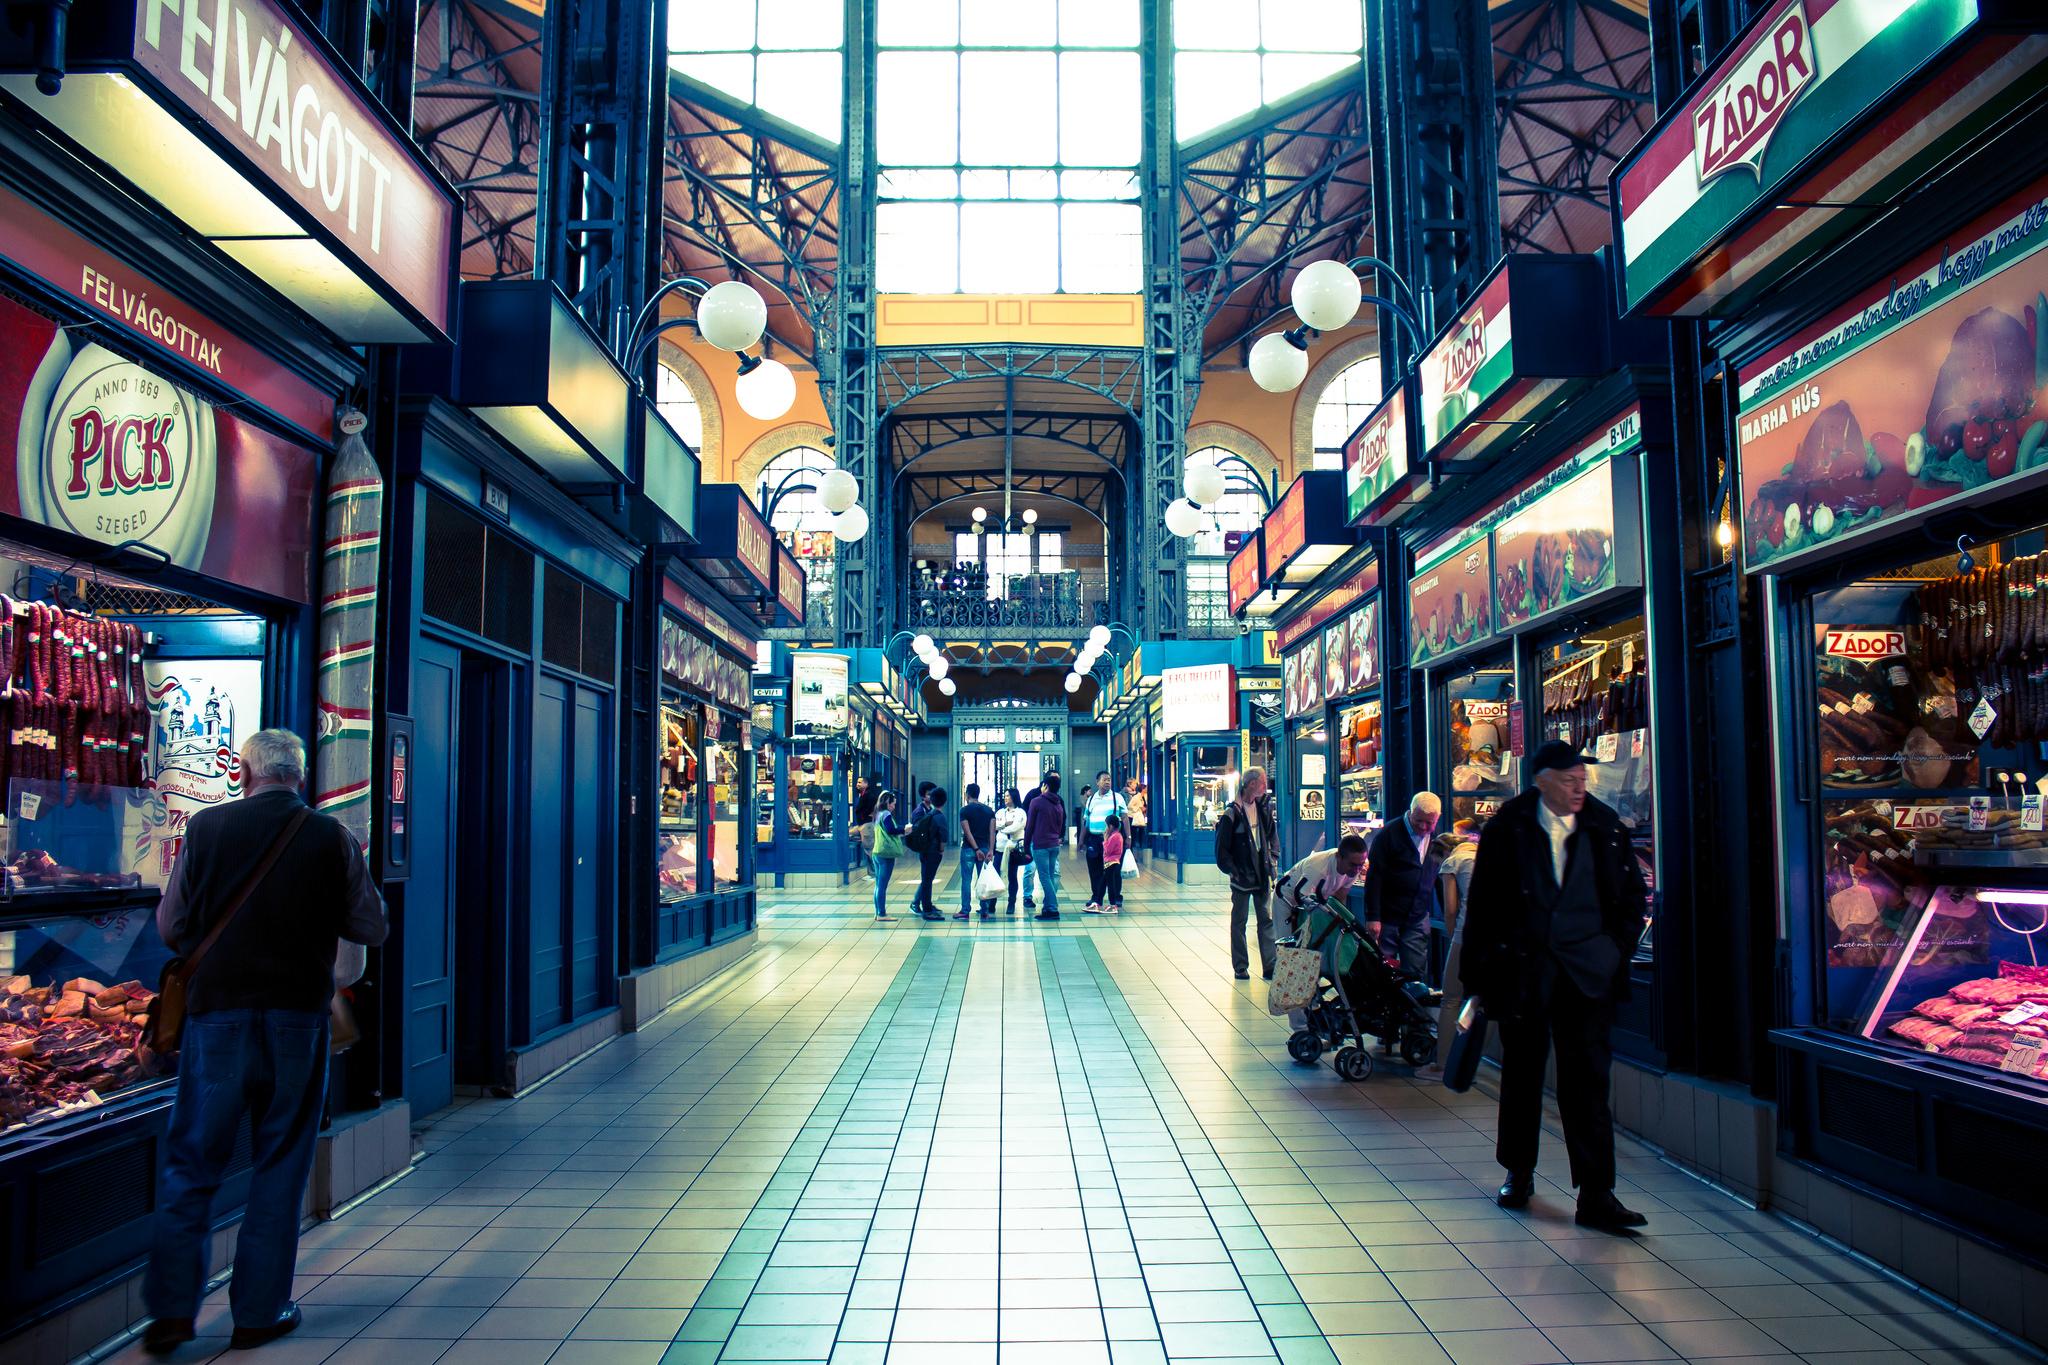 Mindenki szeretett vásárcsarnoka (Fotó:Flickr/Sanjib Mitra)